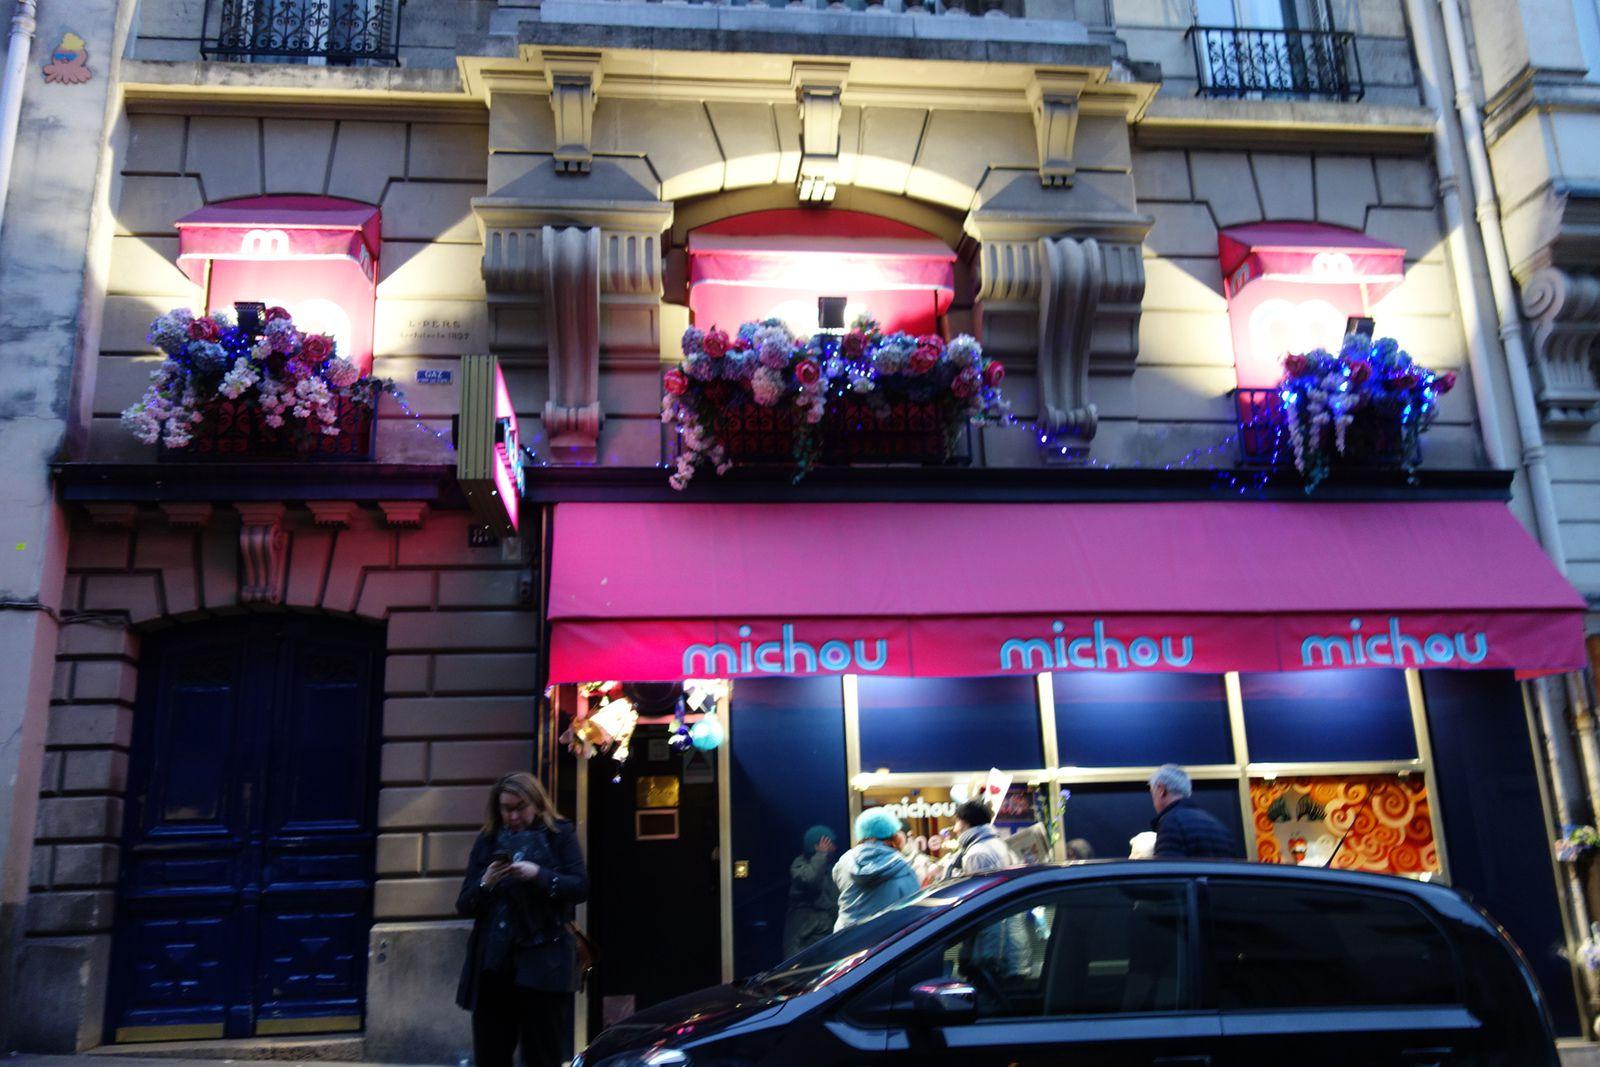 """""""Chez Michou, au 41 rue des Martyrs. Son cabaret restera ouvert, a annoncé sa nièce il y a quelques jours"""